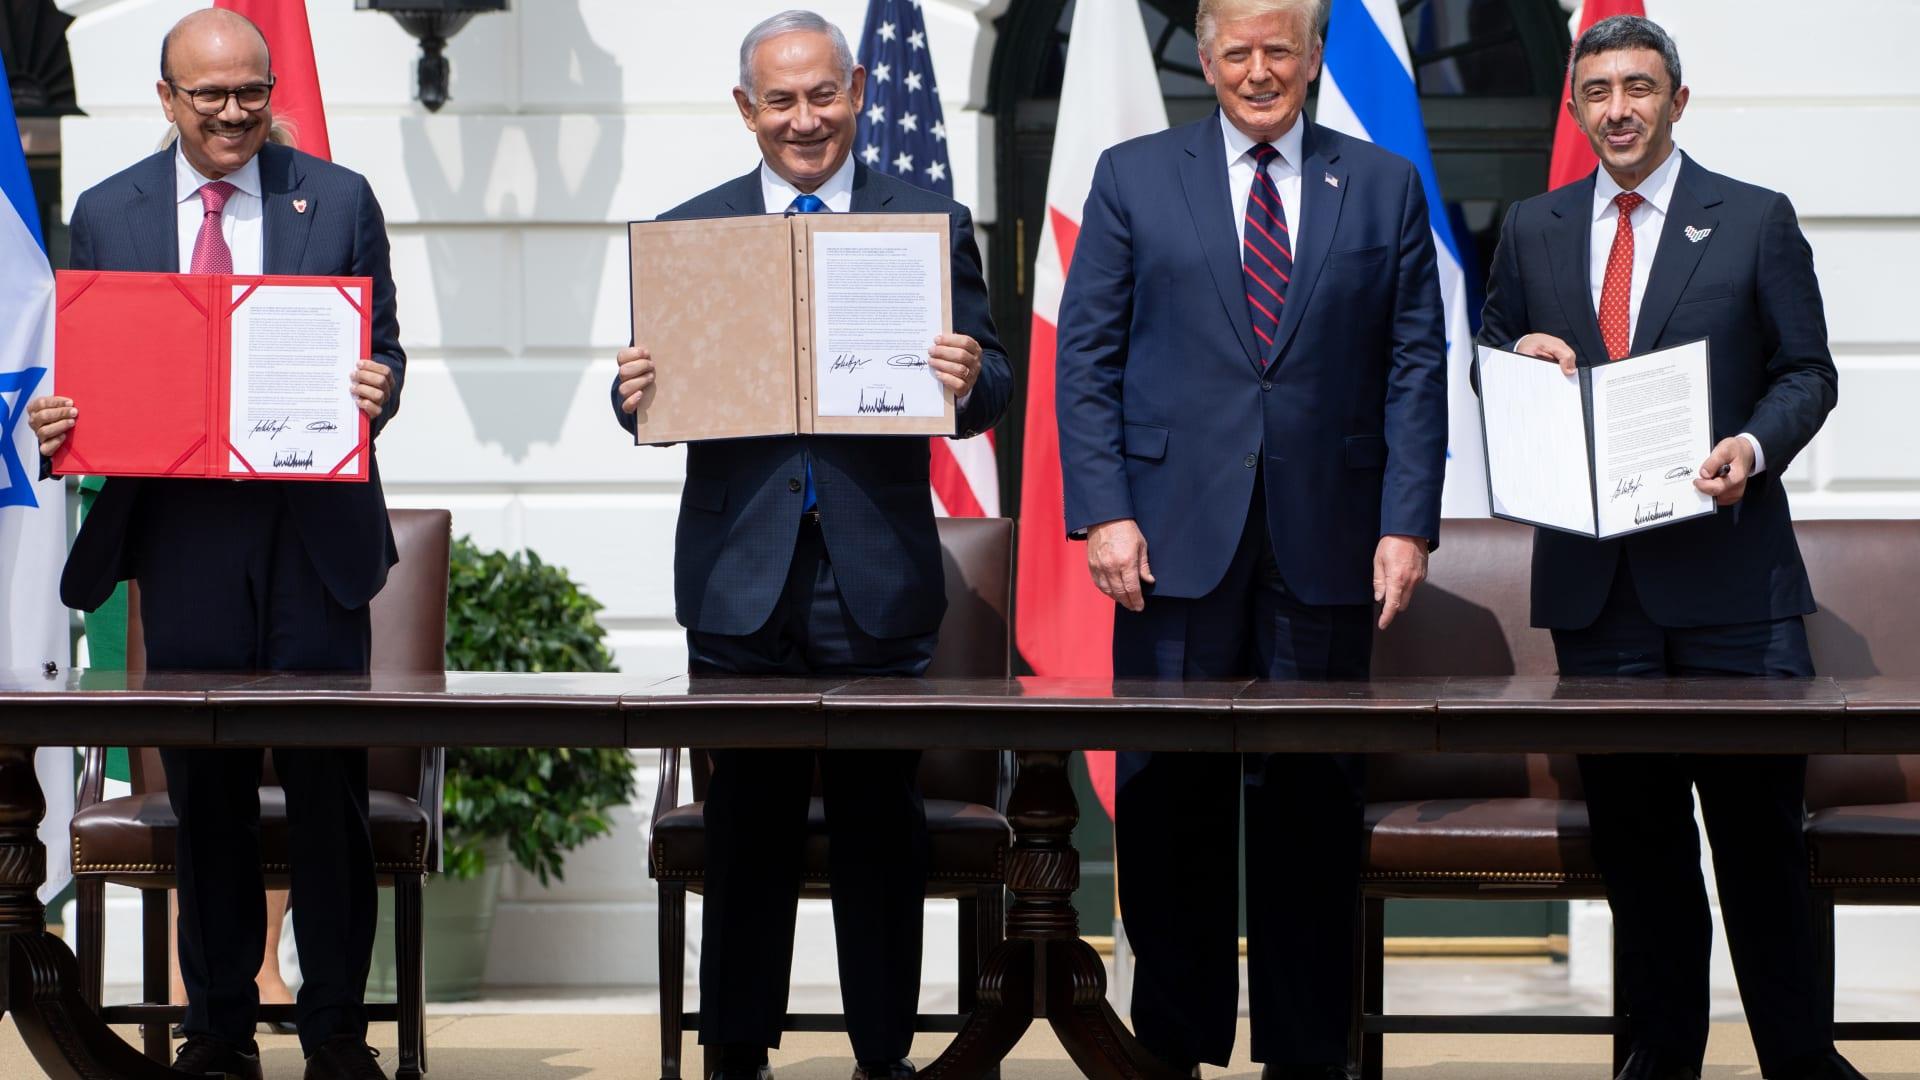 بلدية القدس: التطبيع بين الإمارات وإسرائيل قد يجعل المدينة مركزاً للبحث بالشرق الأوسط